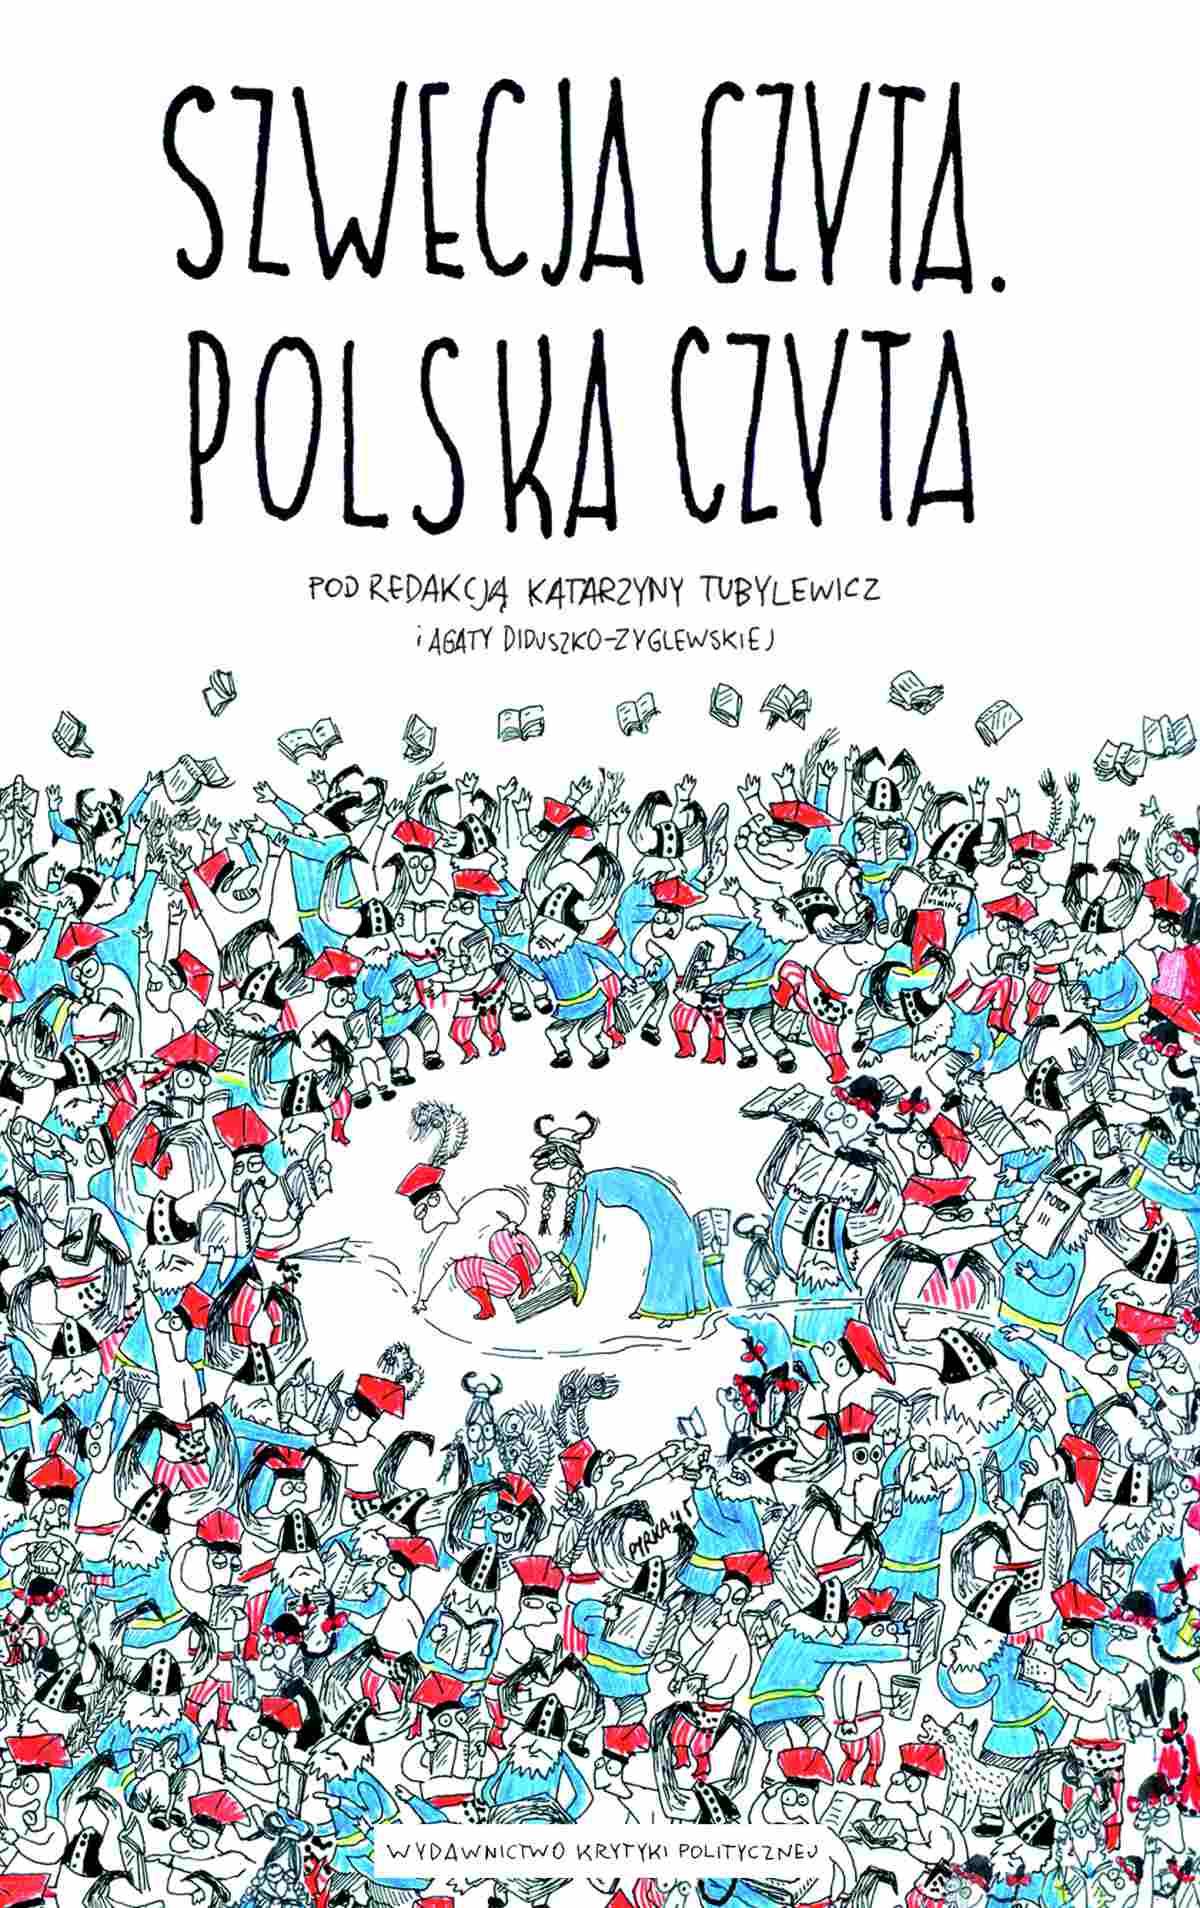 Szwecja czyta. Polska czyta - Ebook (Książka EPUB) do pobrania w formacie EPUB